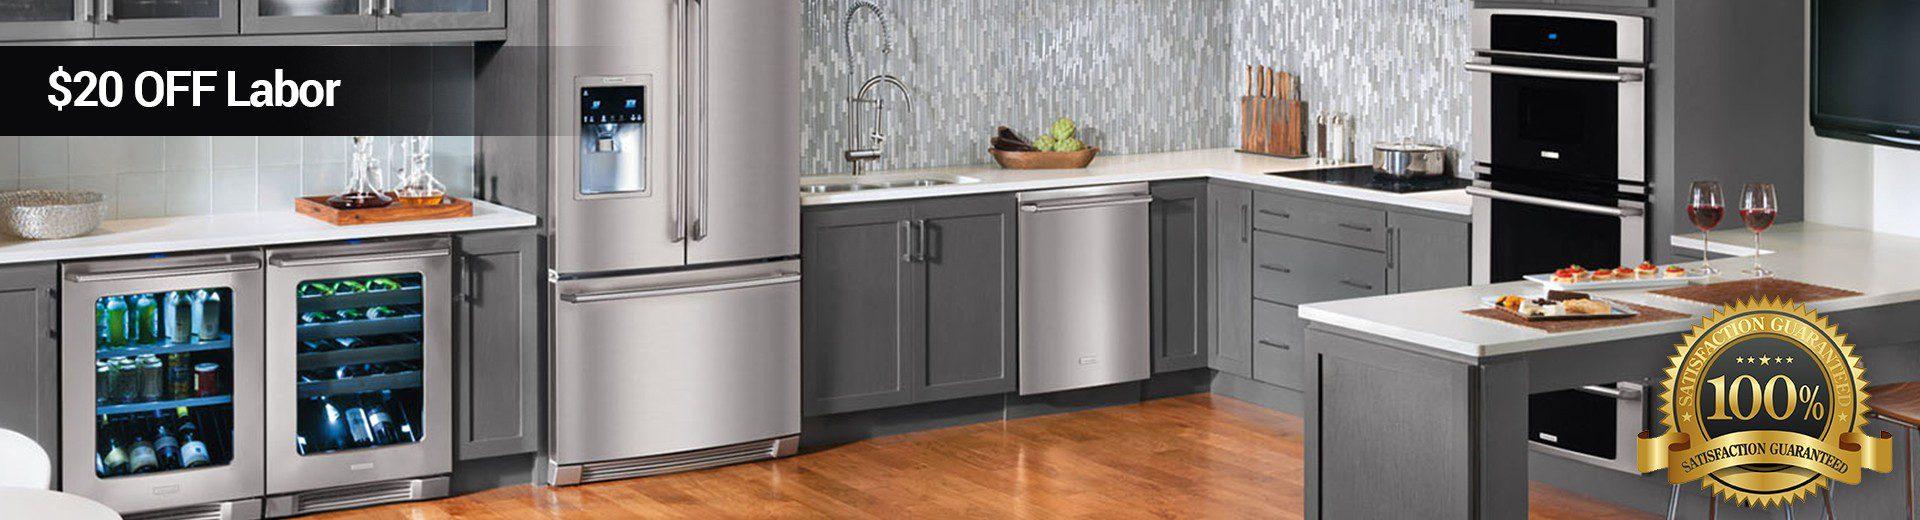 appliances image